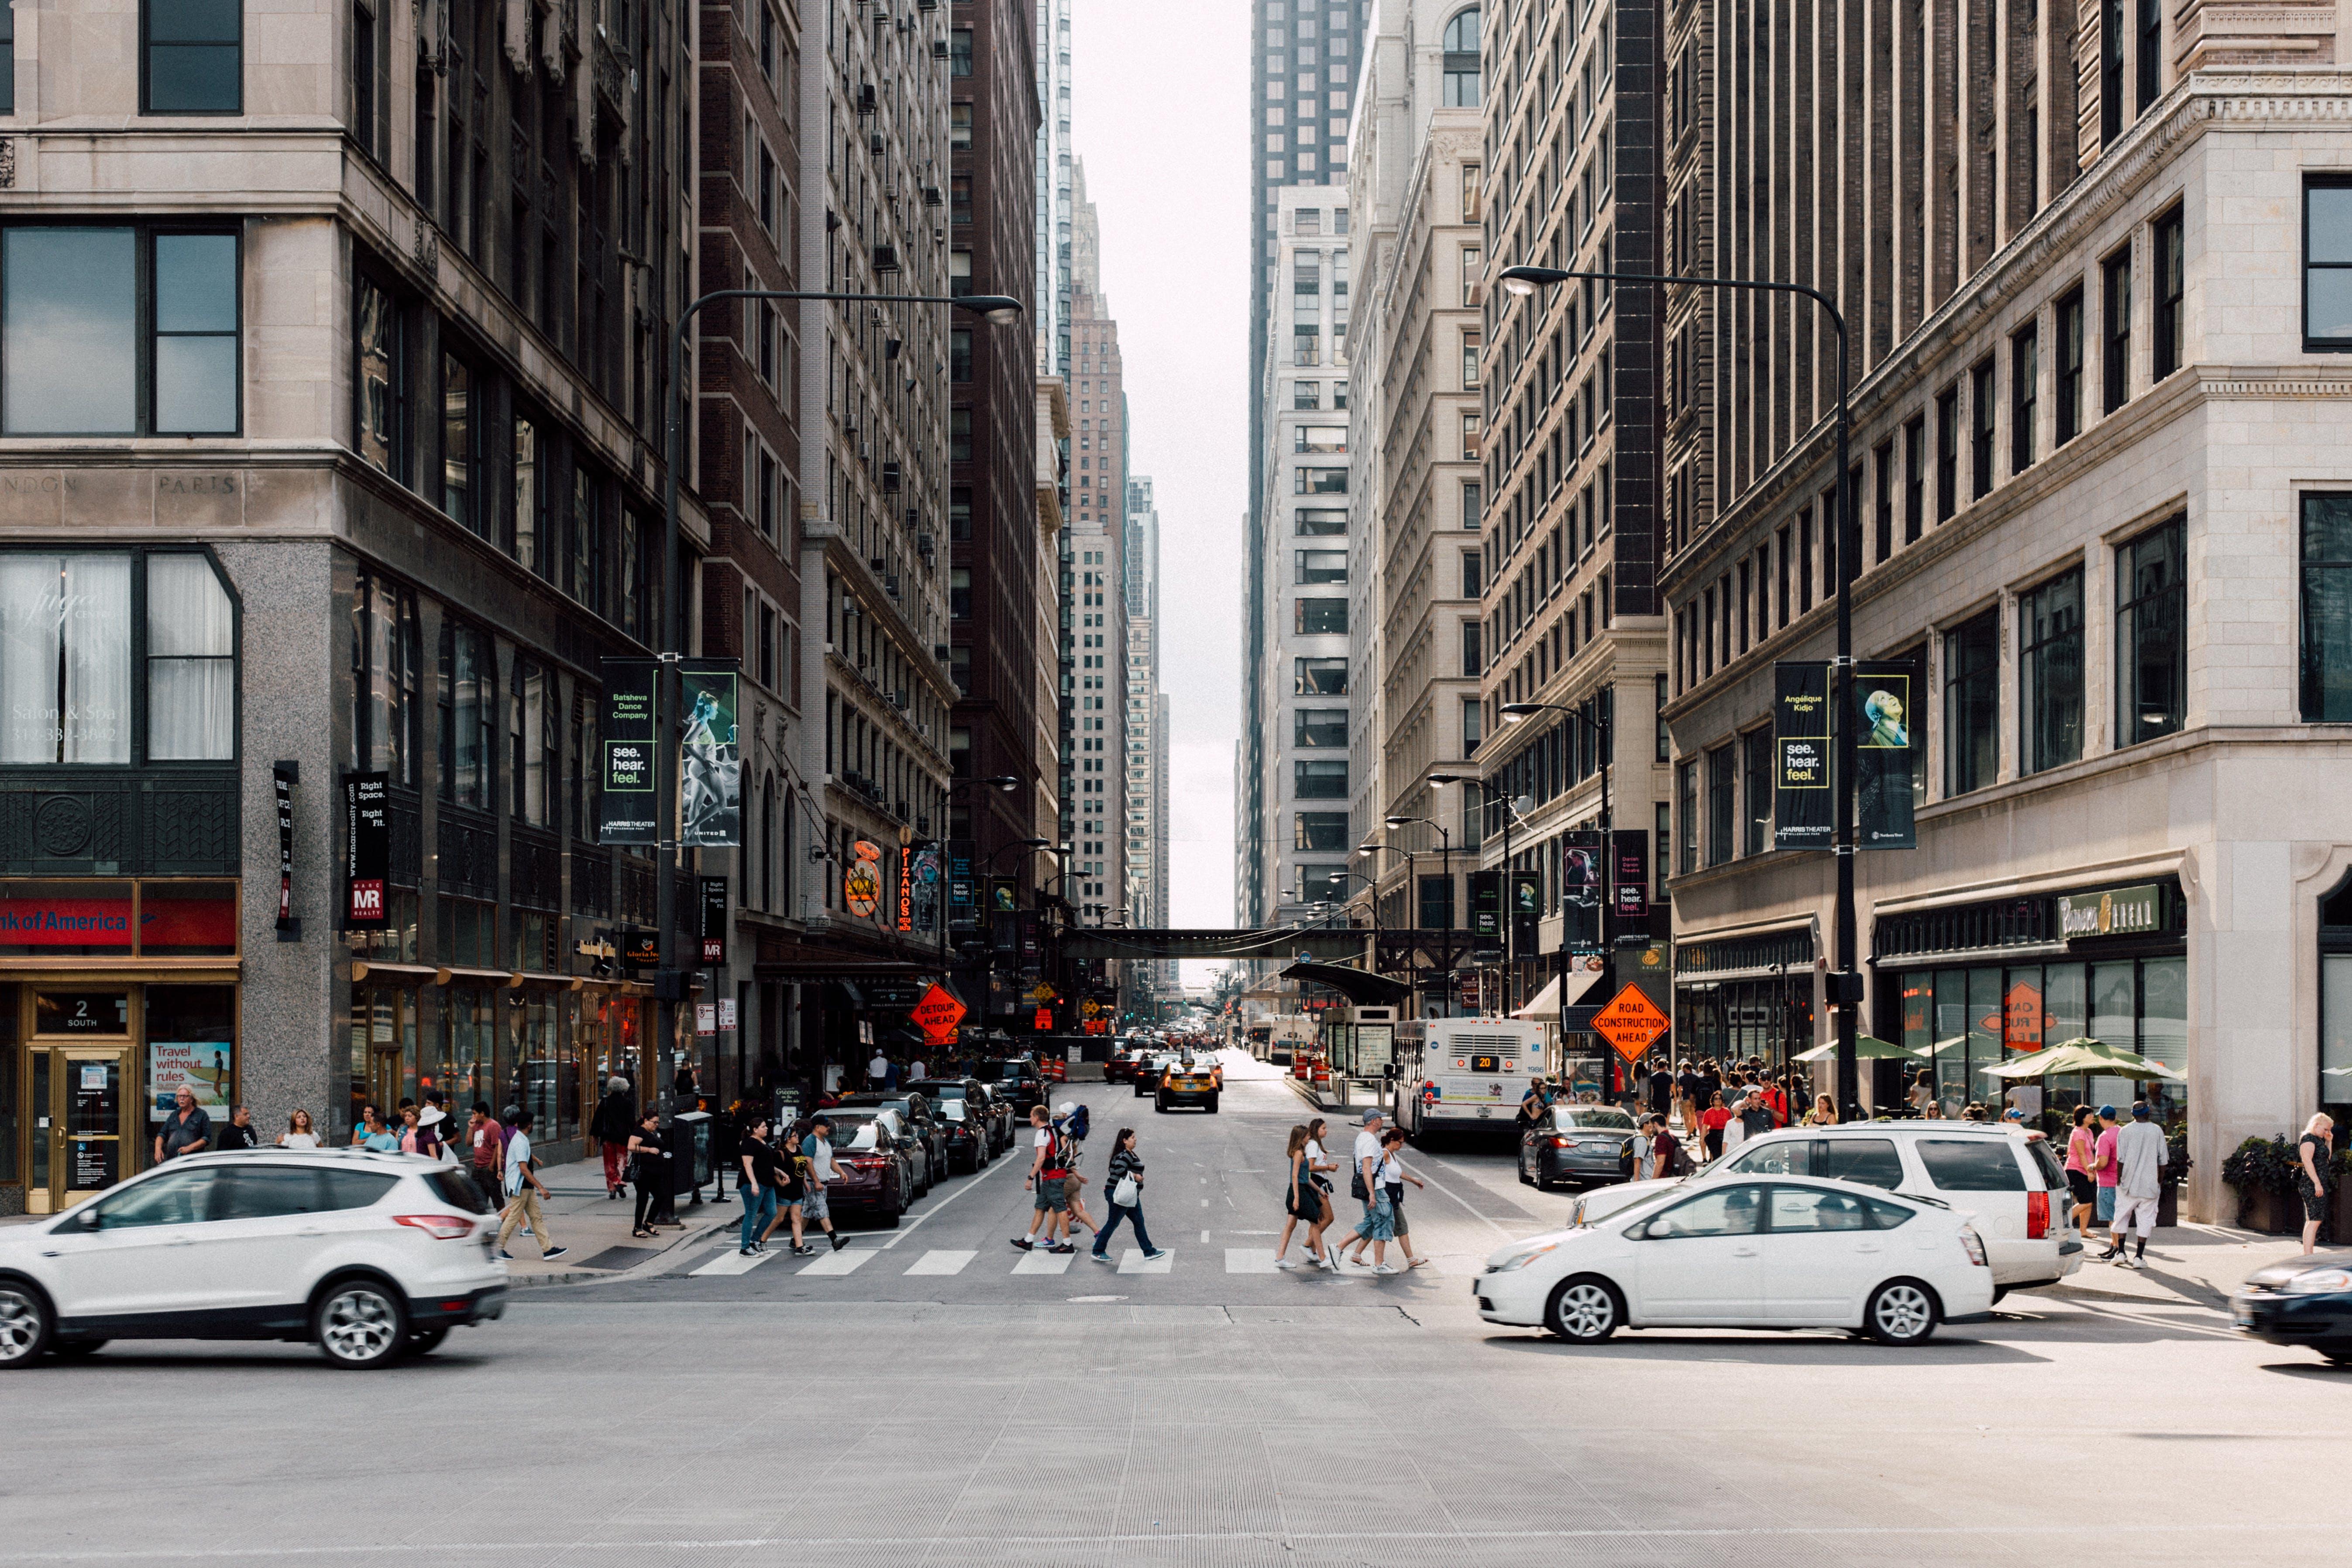 Fotos de stock gratuitas de asfalto, calle, caminando, carretera